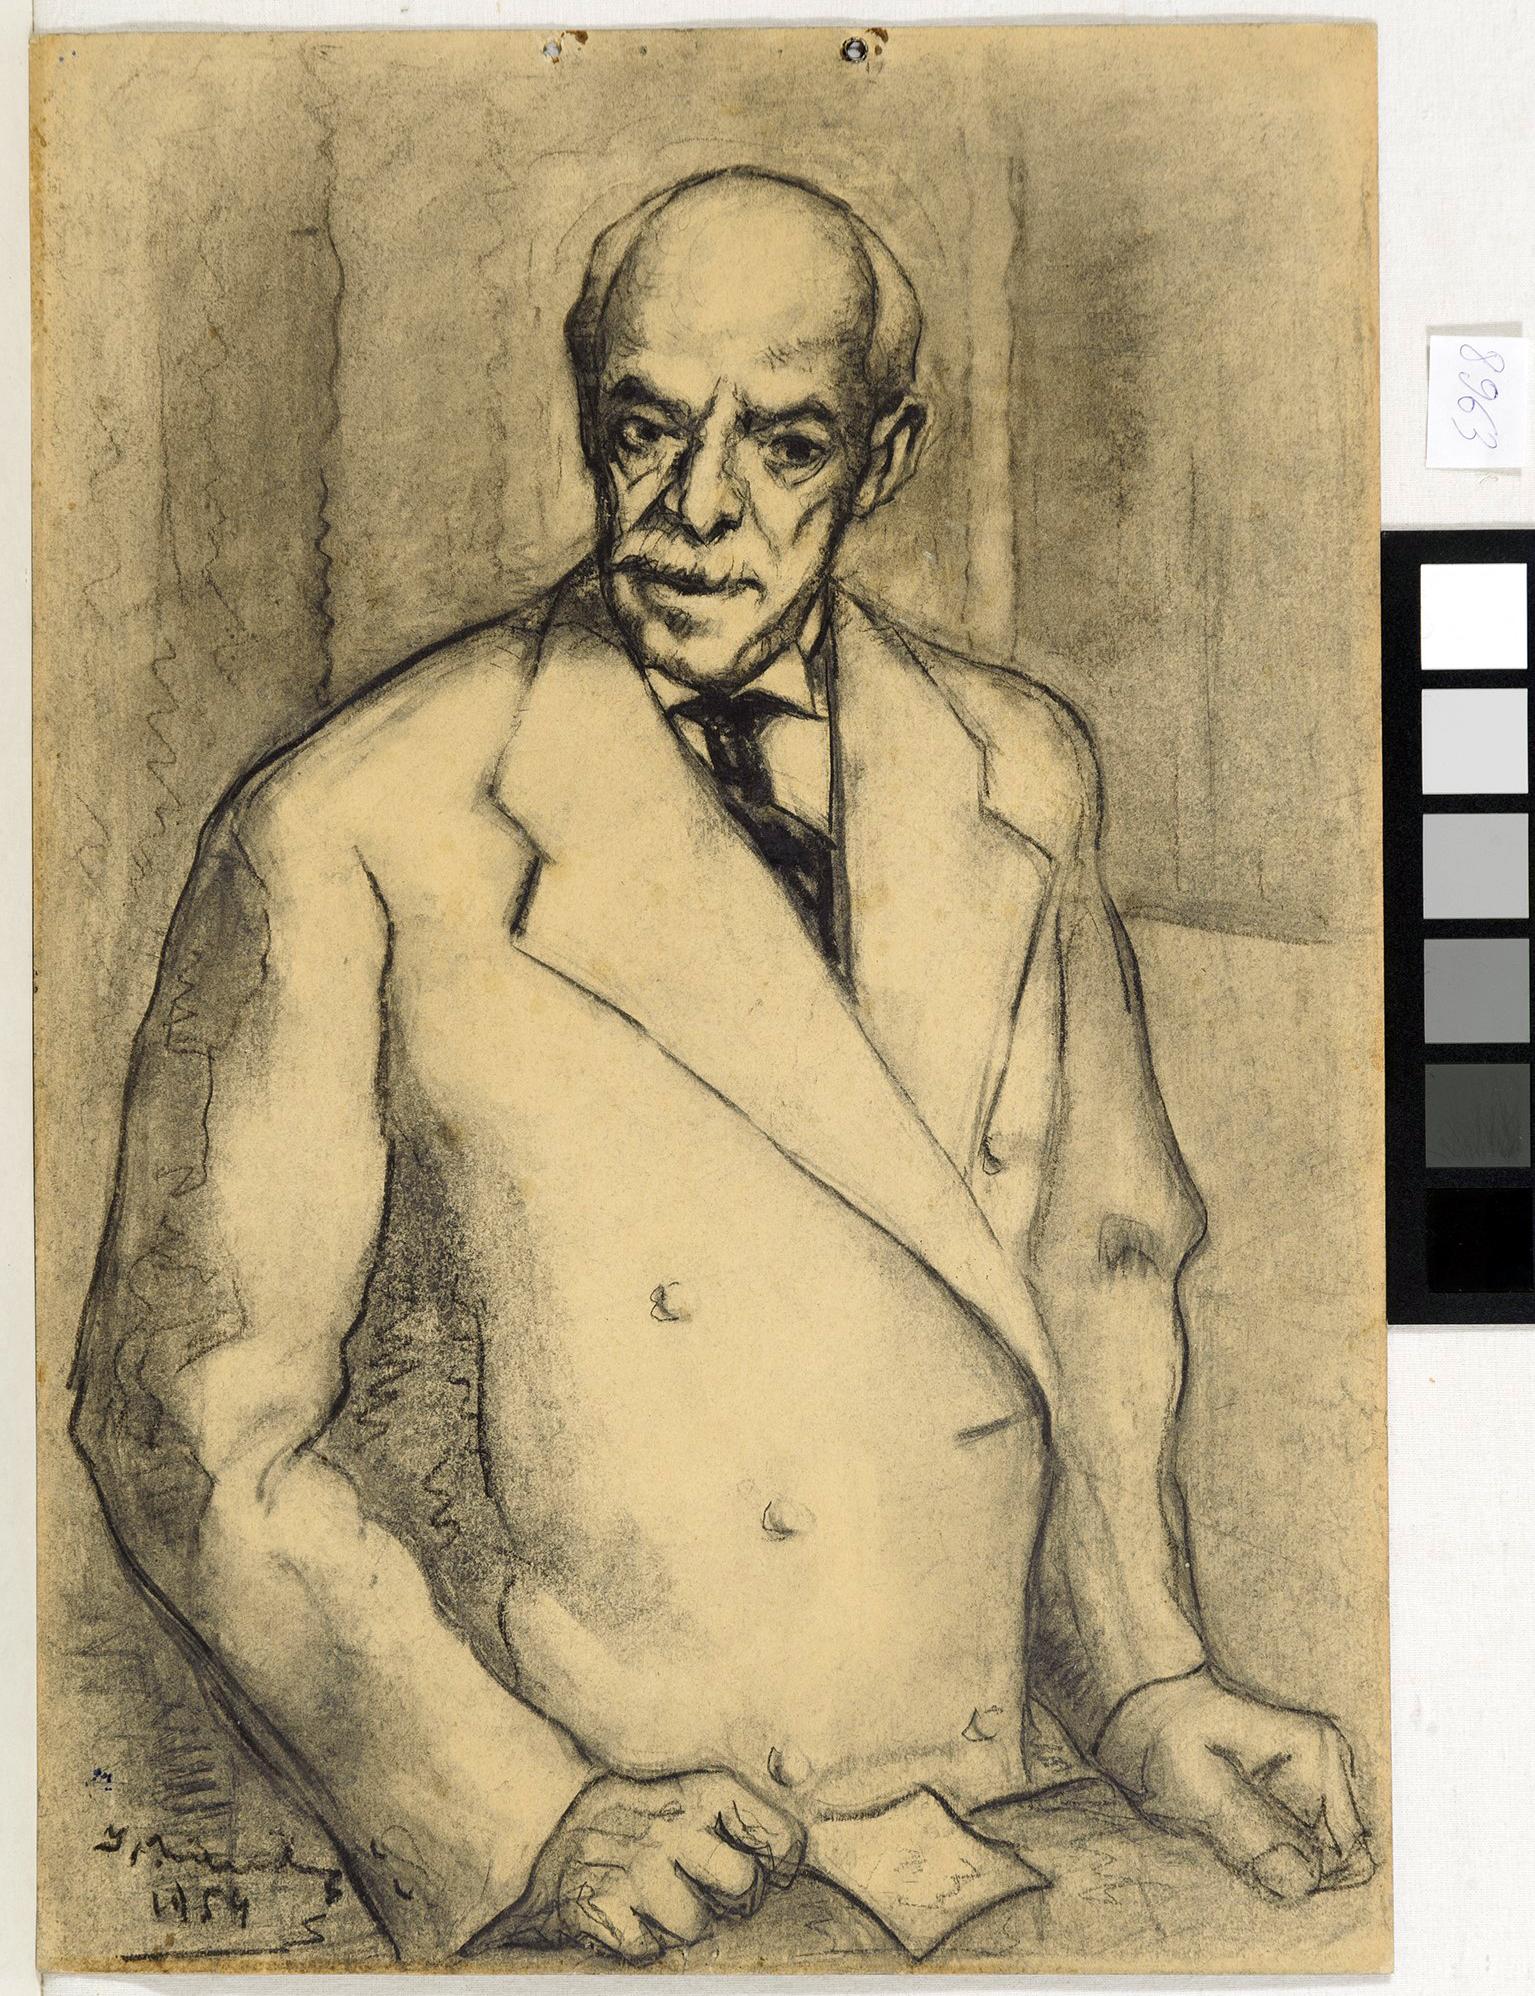 Desen - Mându, Ion; Portret de bărbat (Dr. Marinescu) - Muzeul Naţional de Artă al României - BUCUREŞTI (Patrimoniul Cultural National Mobil din Romania. Ordin de clasare: 3933/21.11.2016 - Fond)